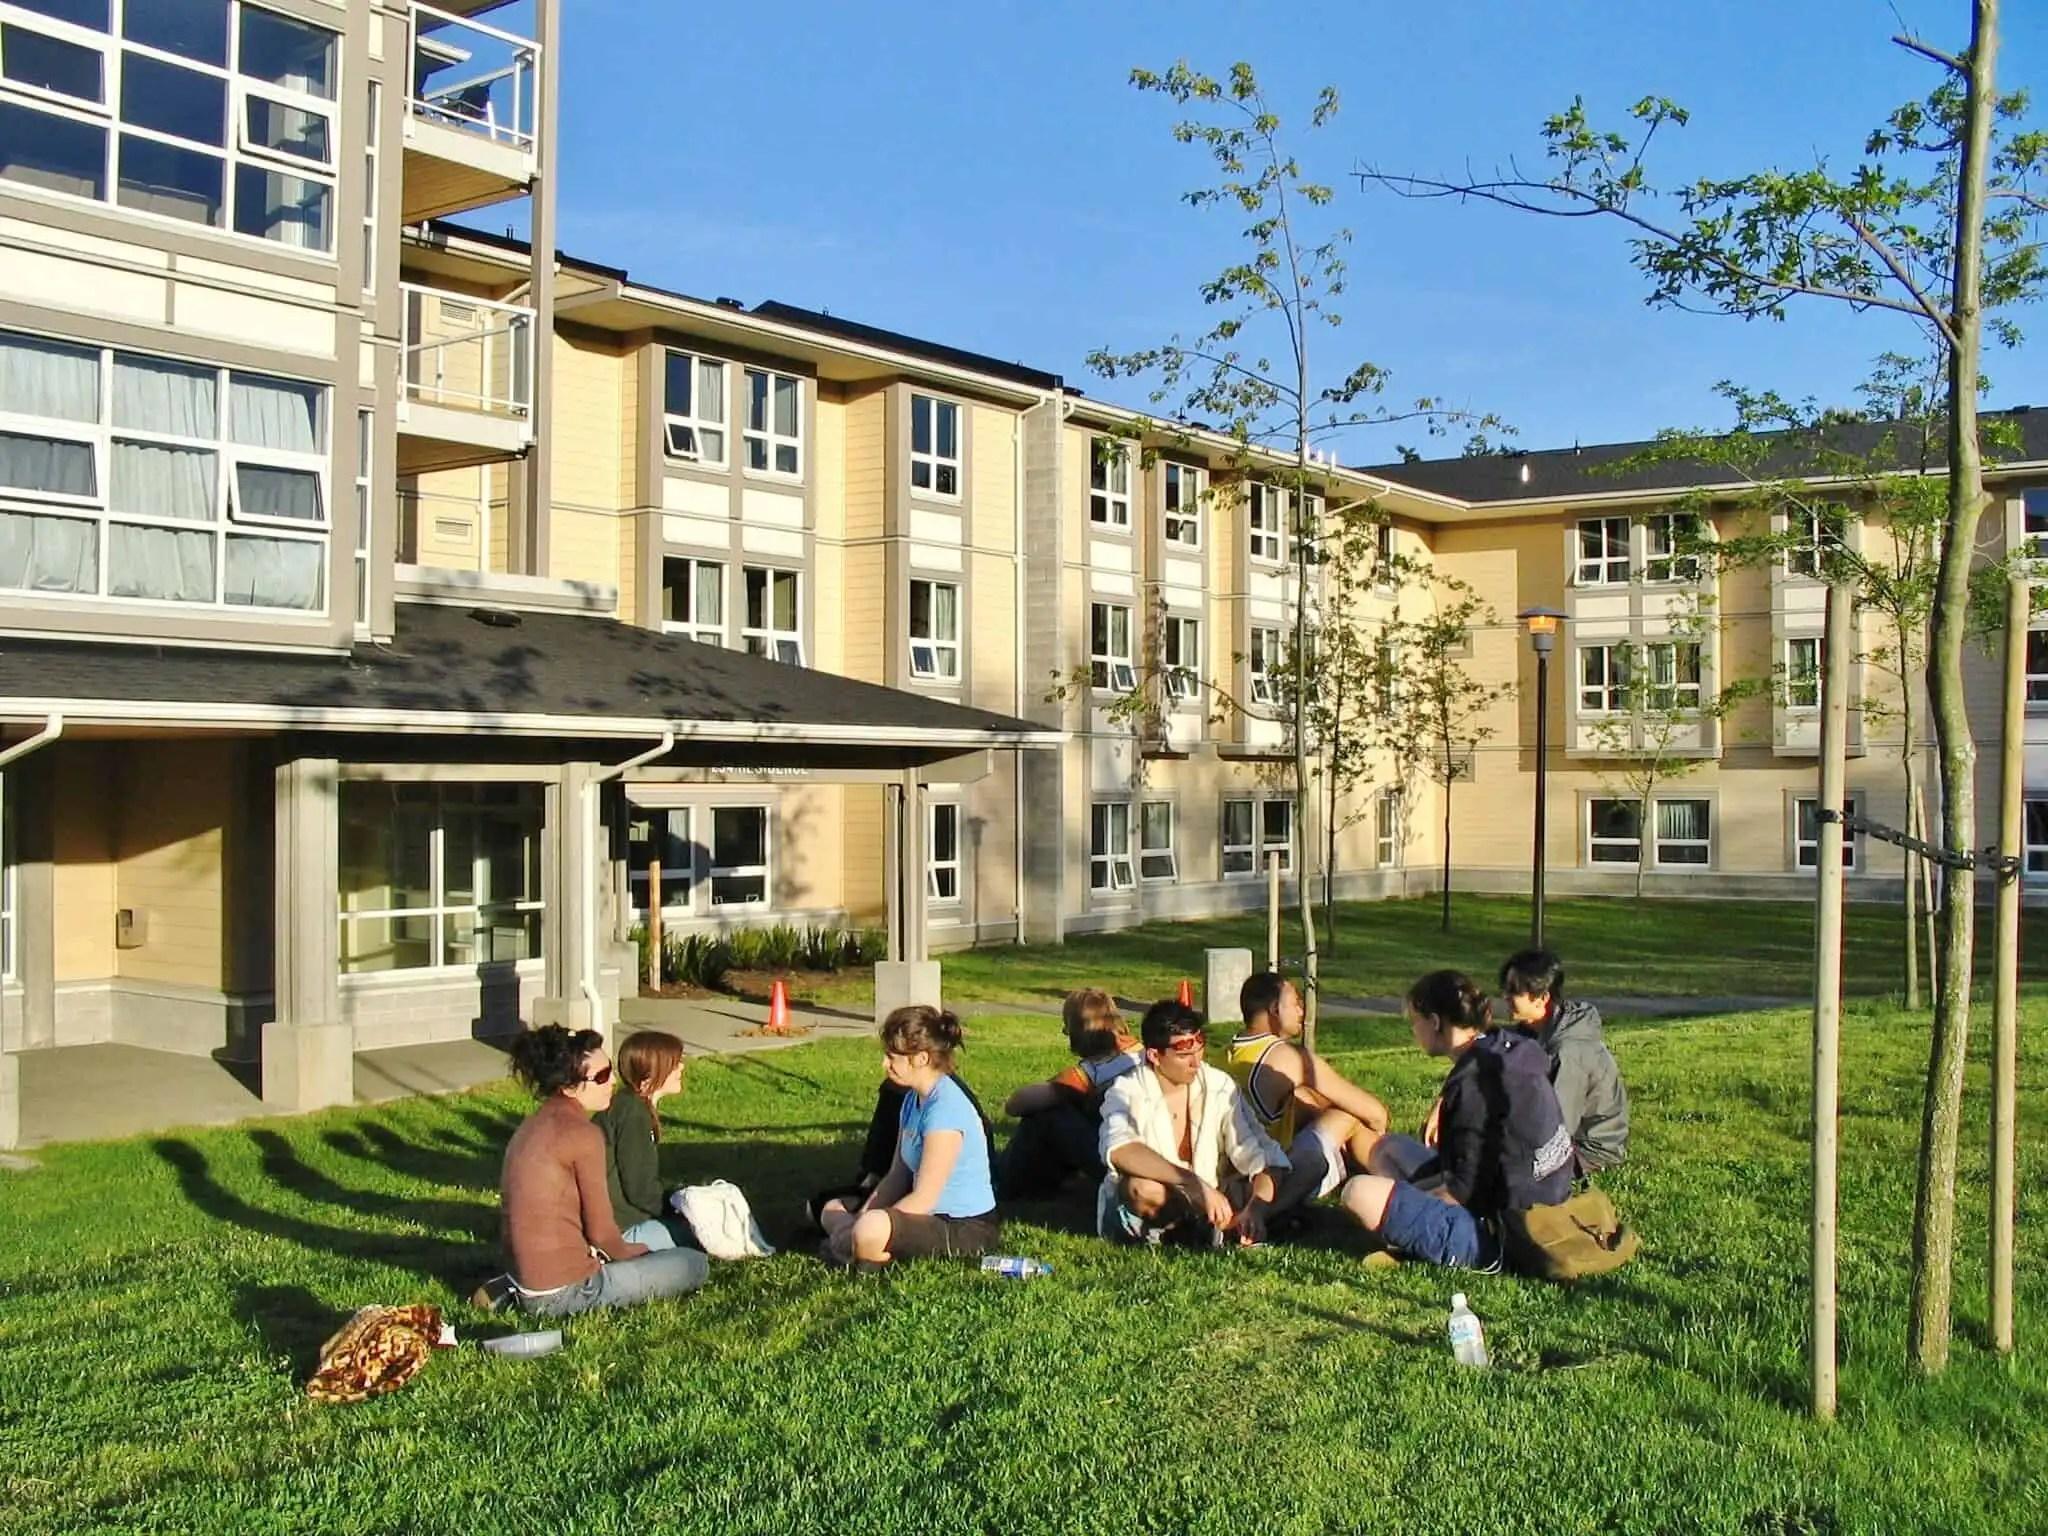 加拿大語言學校-UVIC-維多利亞大學 -藍海國際教育顧問公司 ∥ 加拿大當地專業代辦 ∥ 留遊學∥ 從家到加